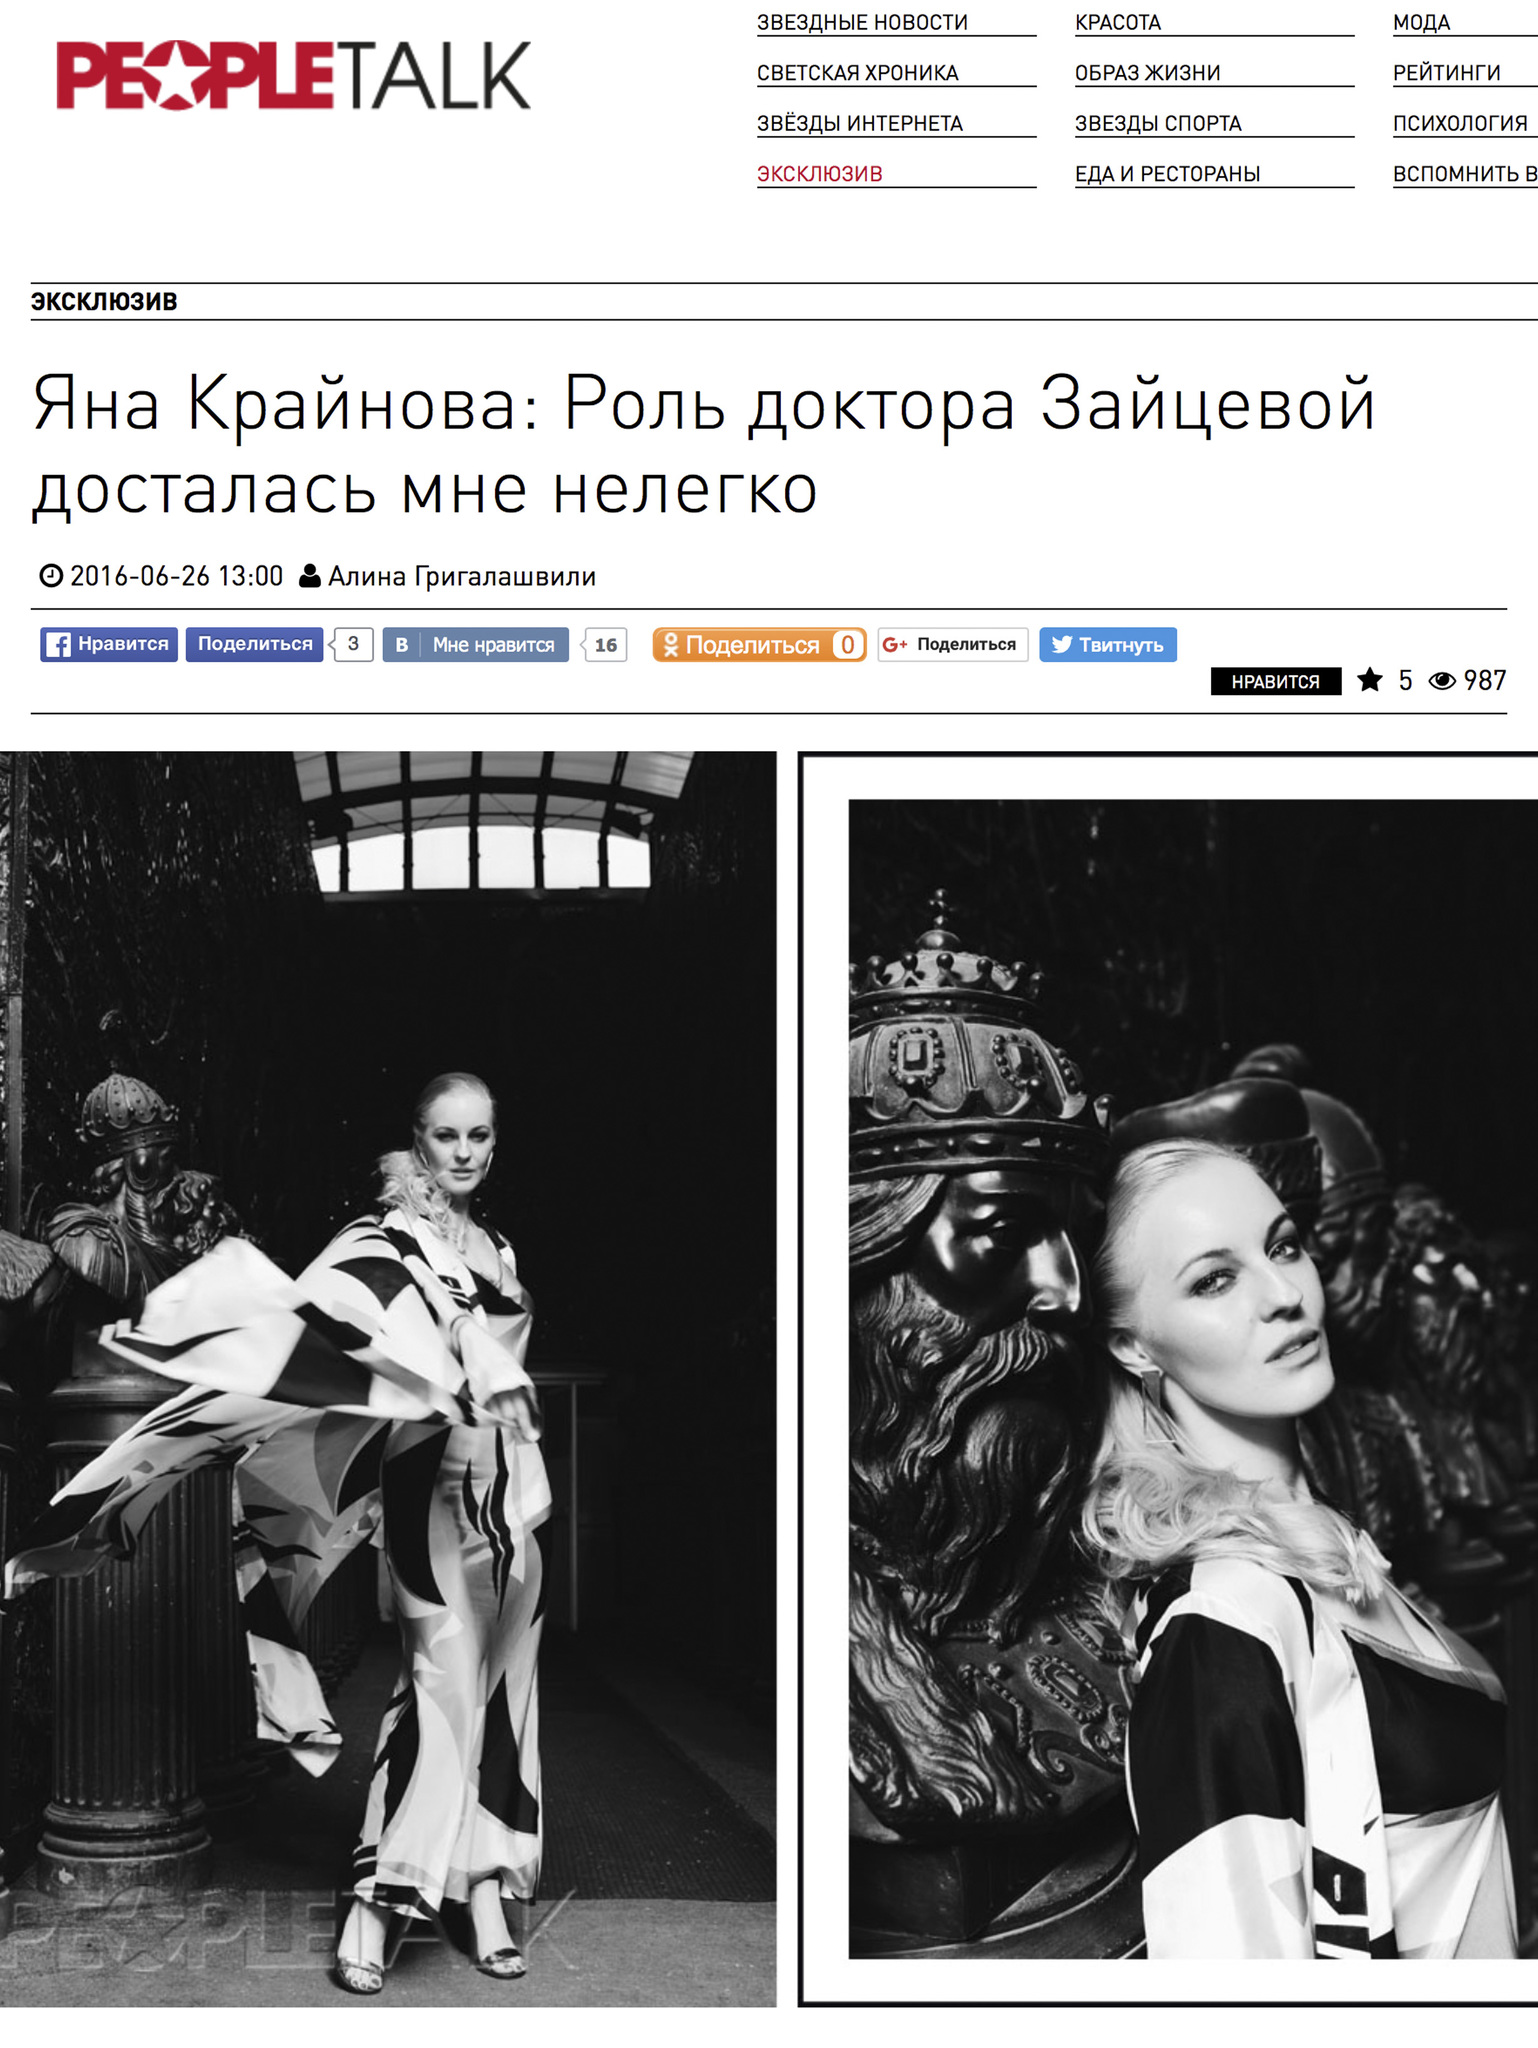 Украшения бренда NUUK в сьемке Яны Крайновой для People Talk